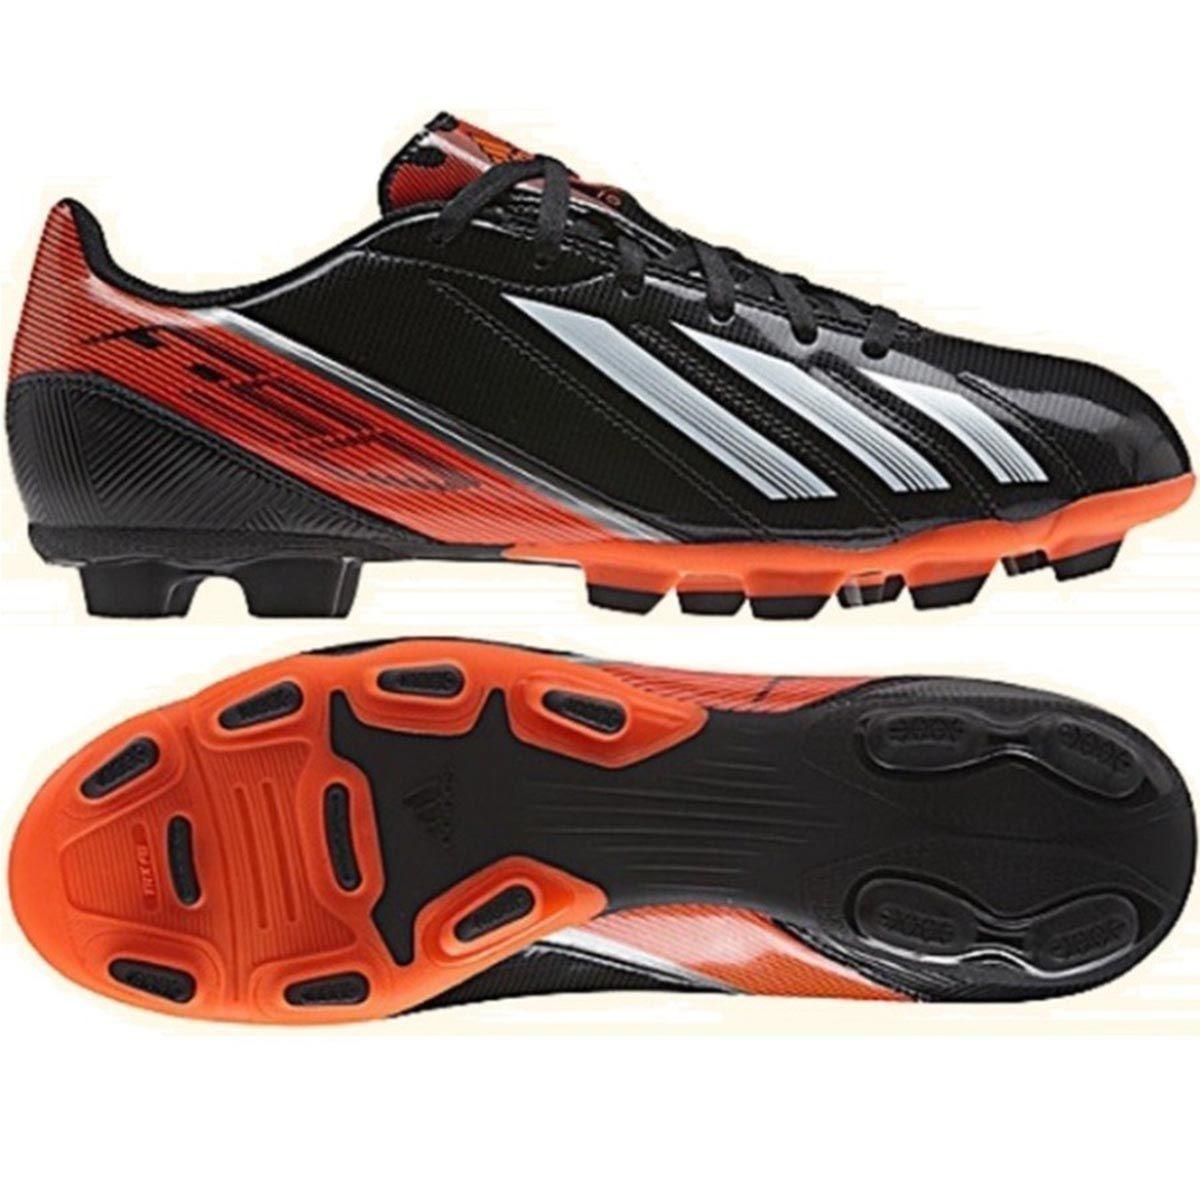 Chuteira adidas Goletto Trx Fg Campo Orig. +nf De 199 b91898ef1436b